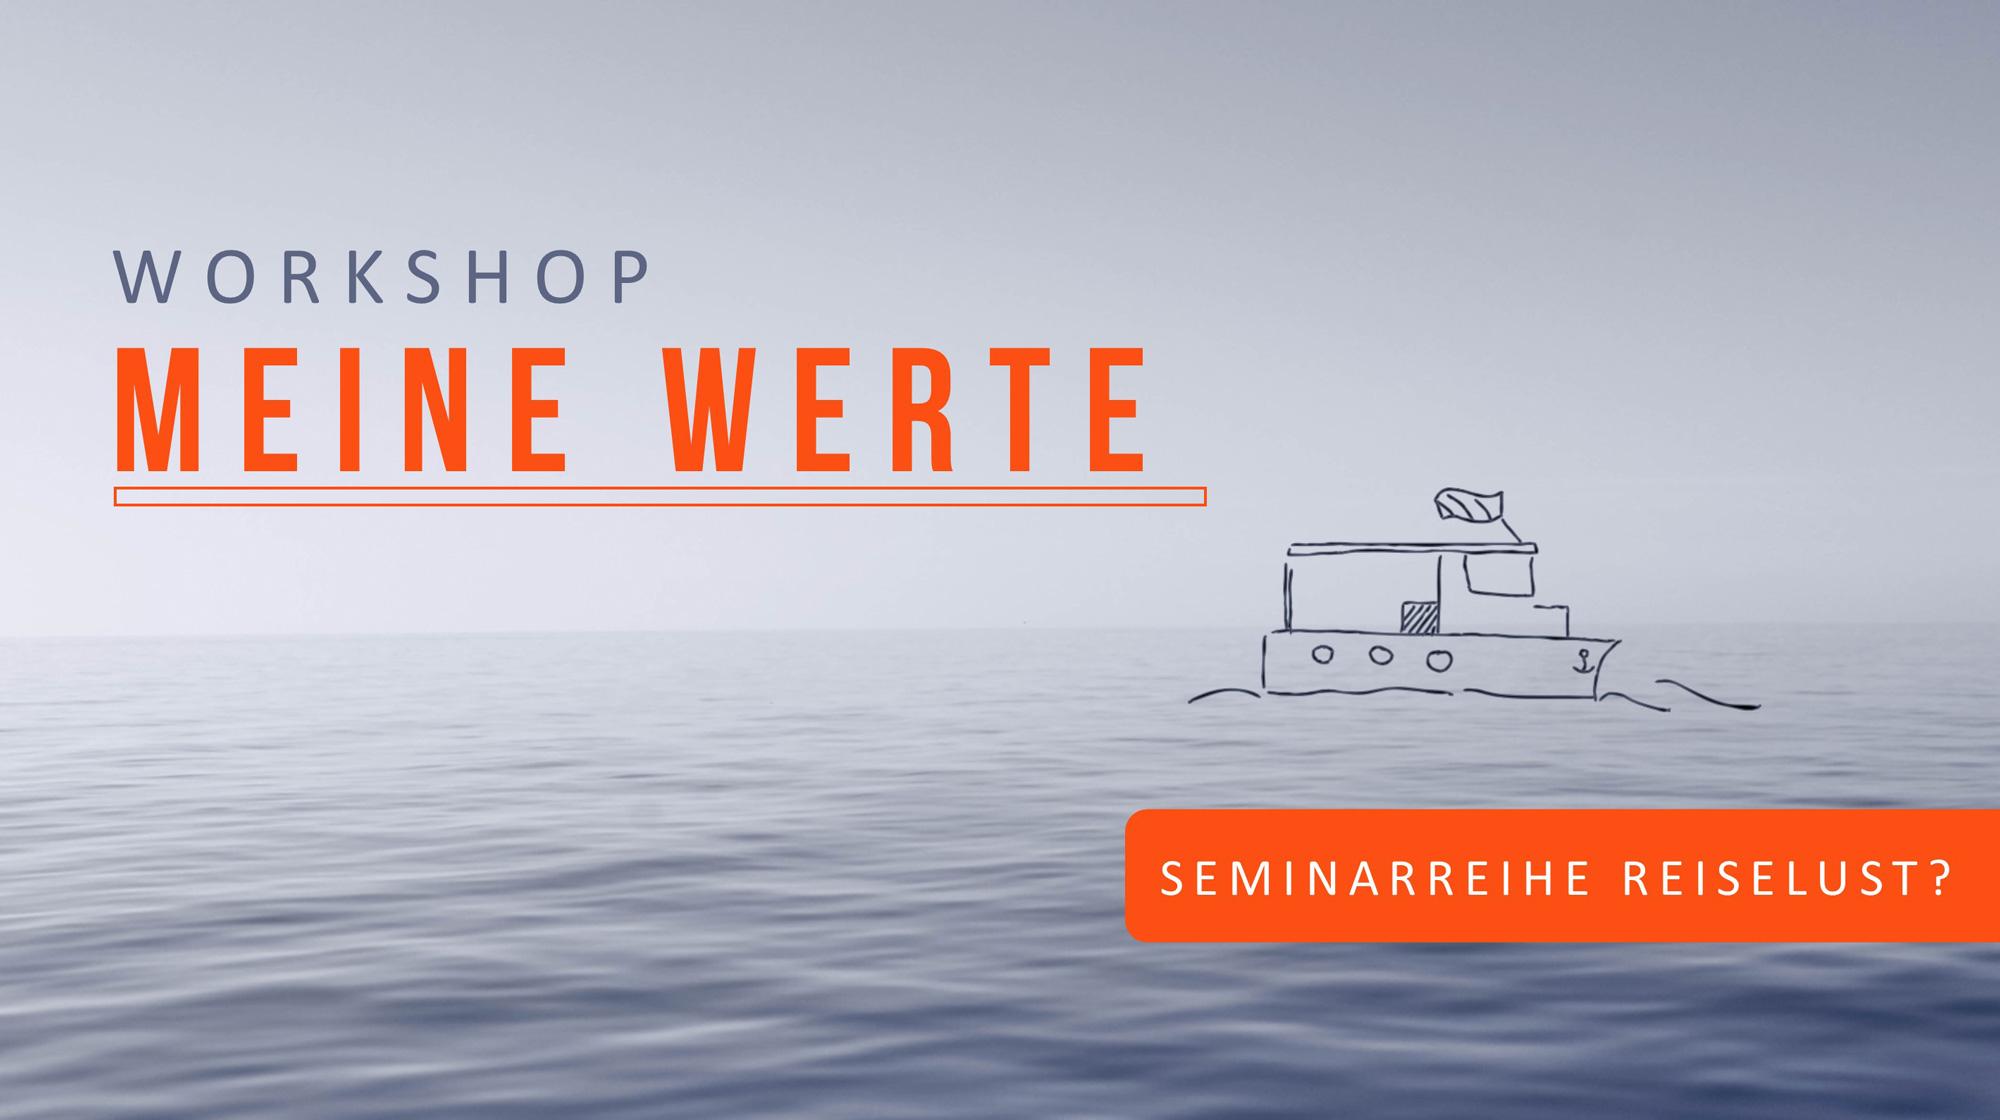 Workshop MEINE WERTE